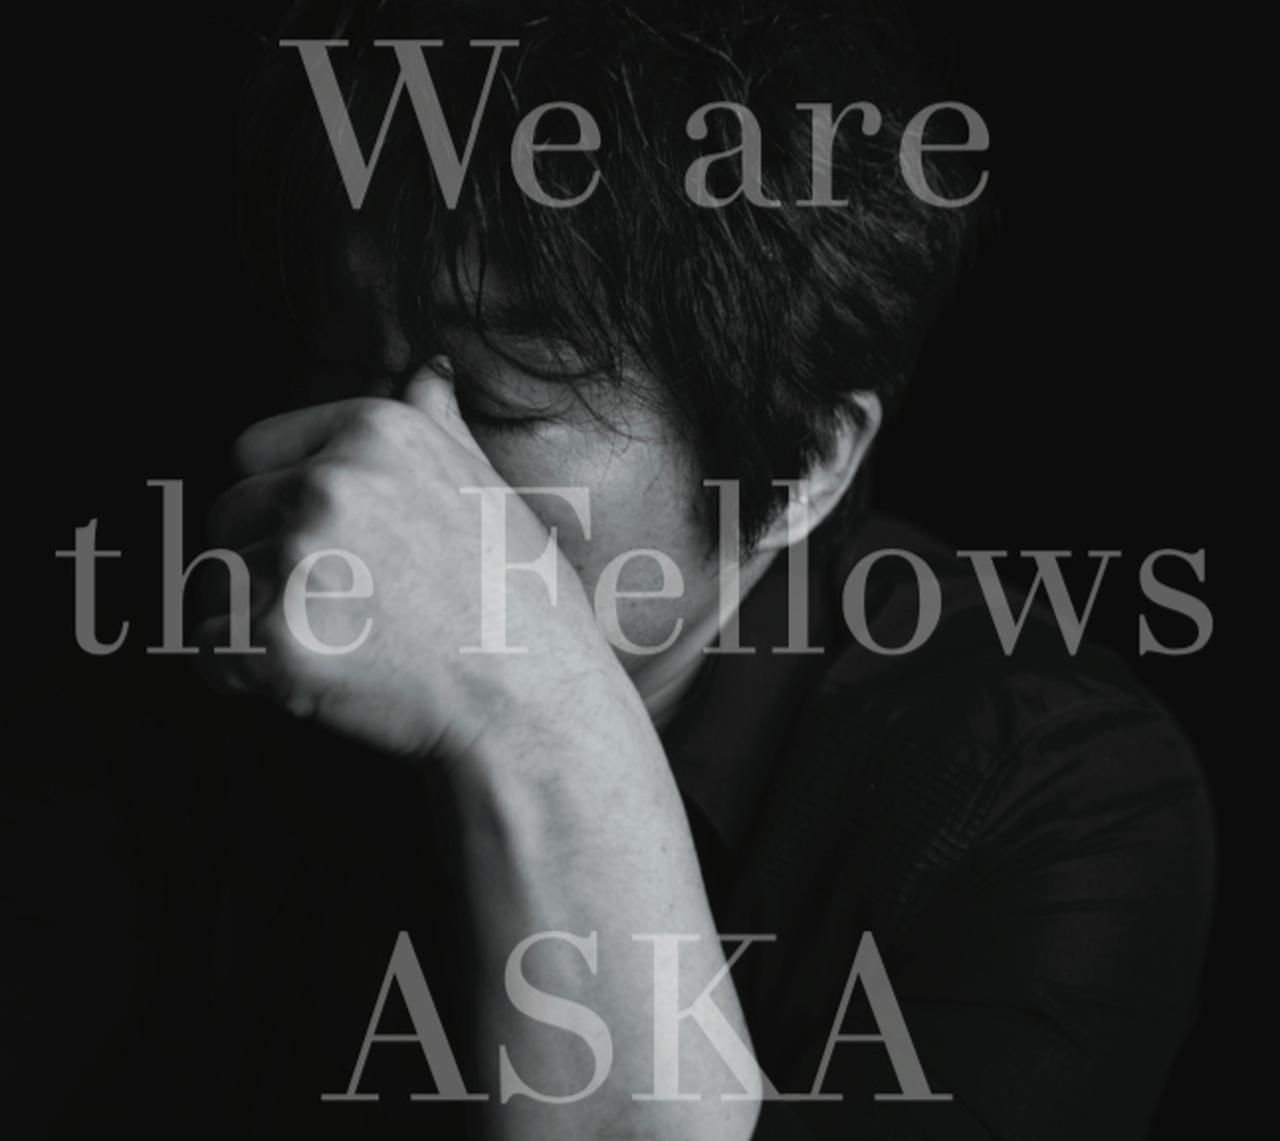 画像: We are the Fellows - Weare